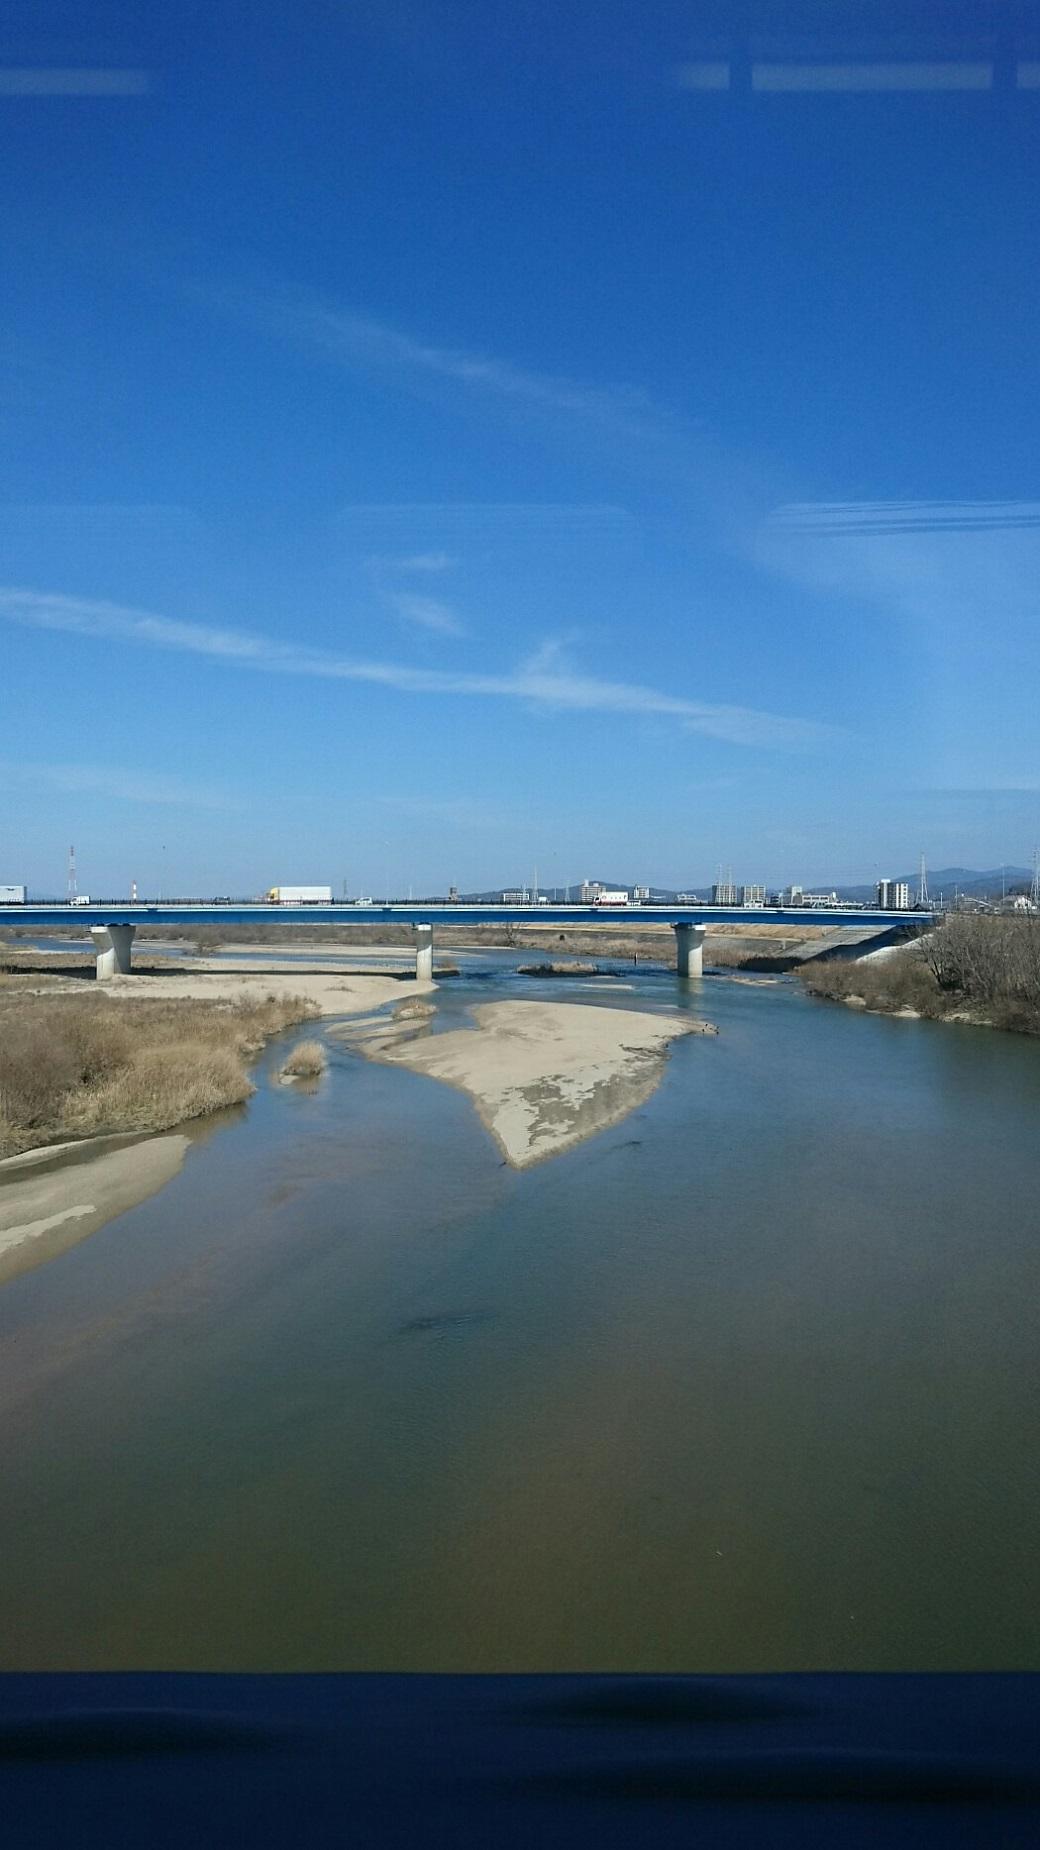 2018.3.2 アクトス (7) 東岡崎いきふつう - 矢作川をわたる 1040-1850